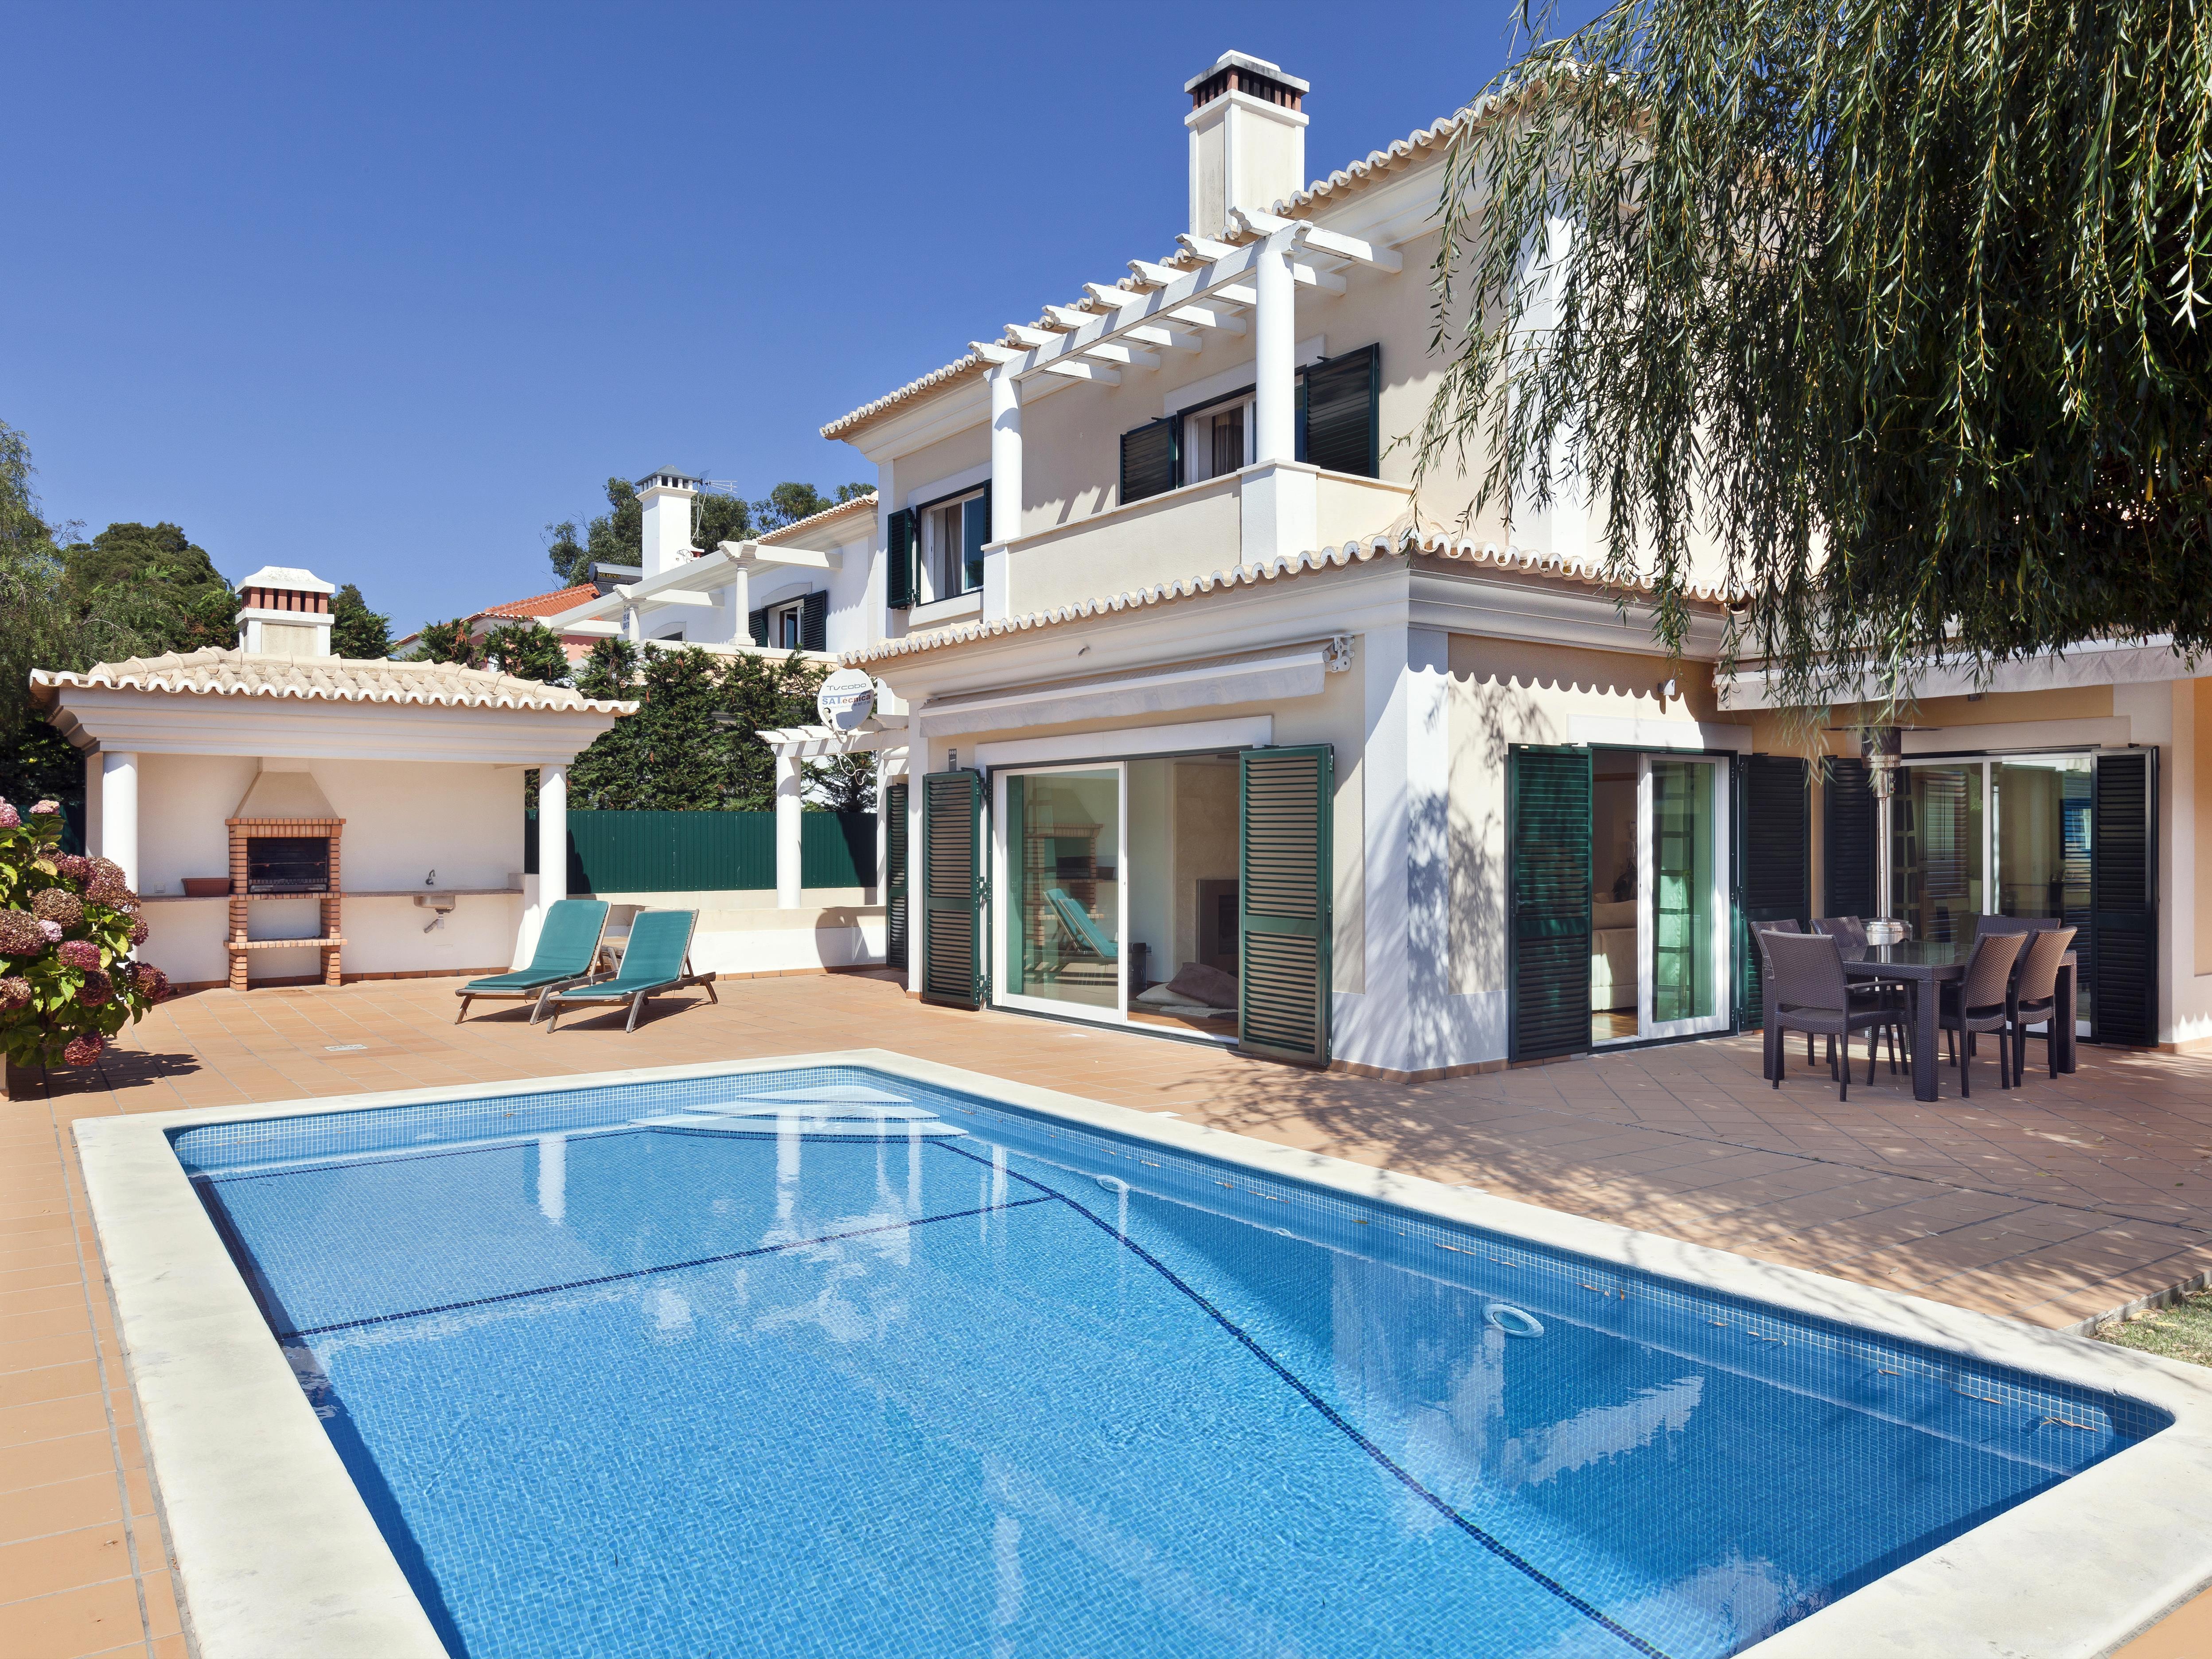 獨棟家庭住宅 為 出售 在 Detached house, 4 bedrooms, for Sale Cascais, 葡京 - 葡萄牙